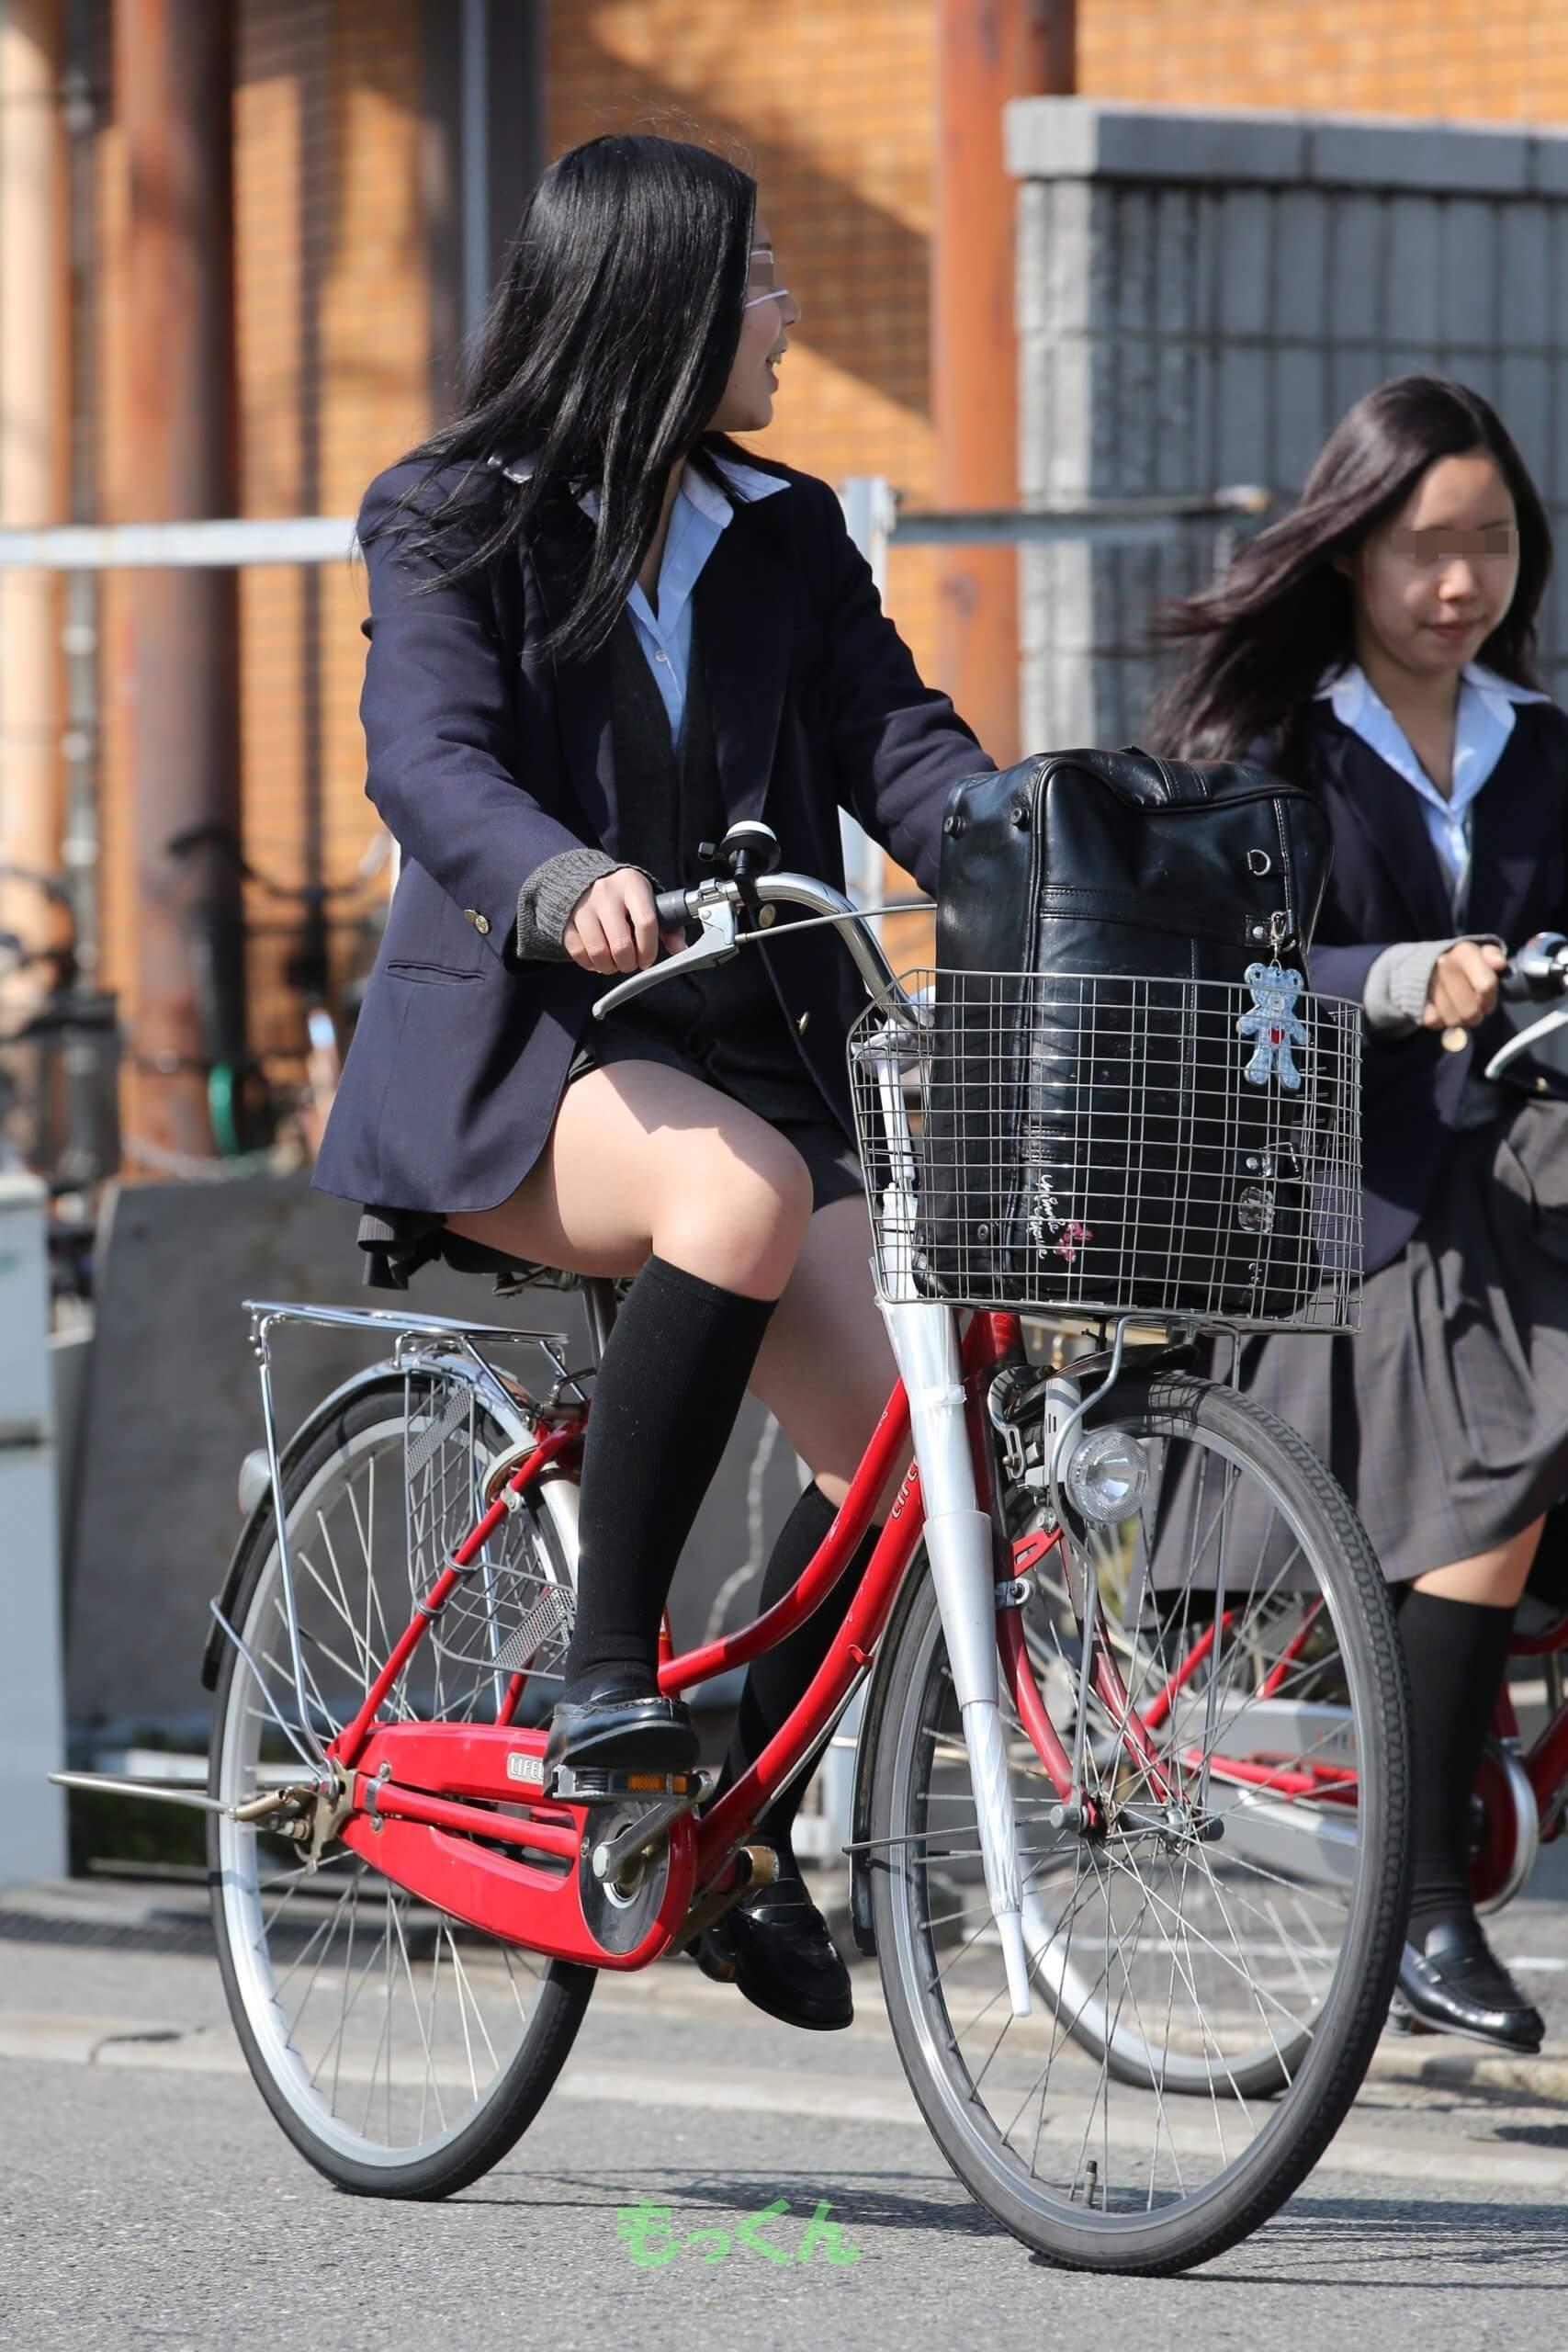 【画像】自転車JKのヒラヒラスカートからふとももチラ見えに興奮抑えられるやつおる?